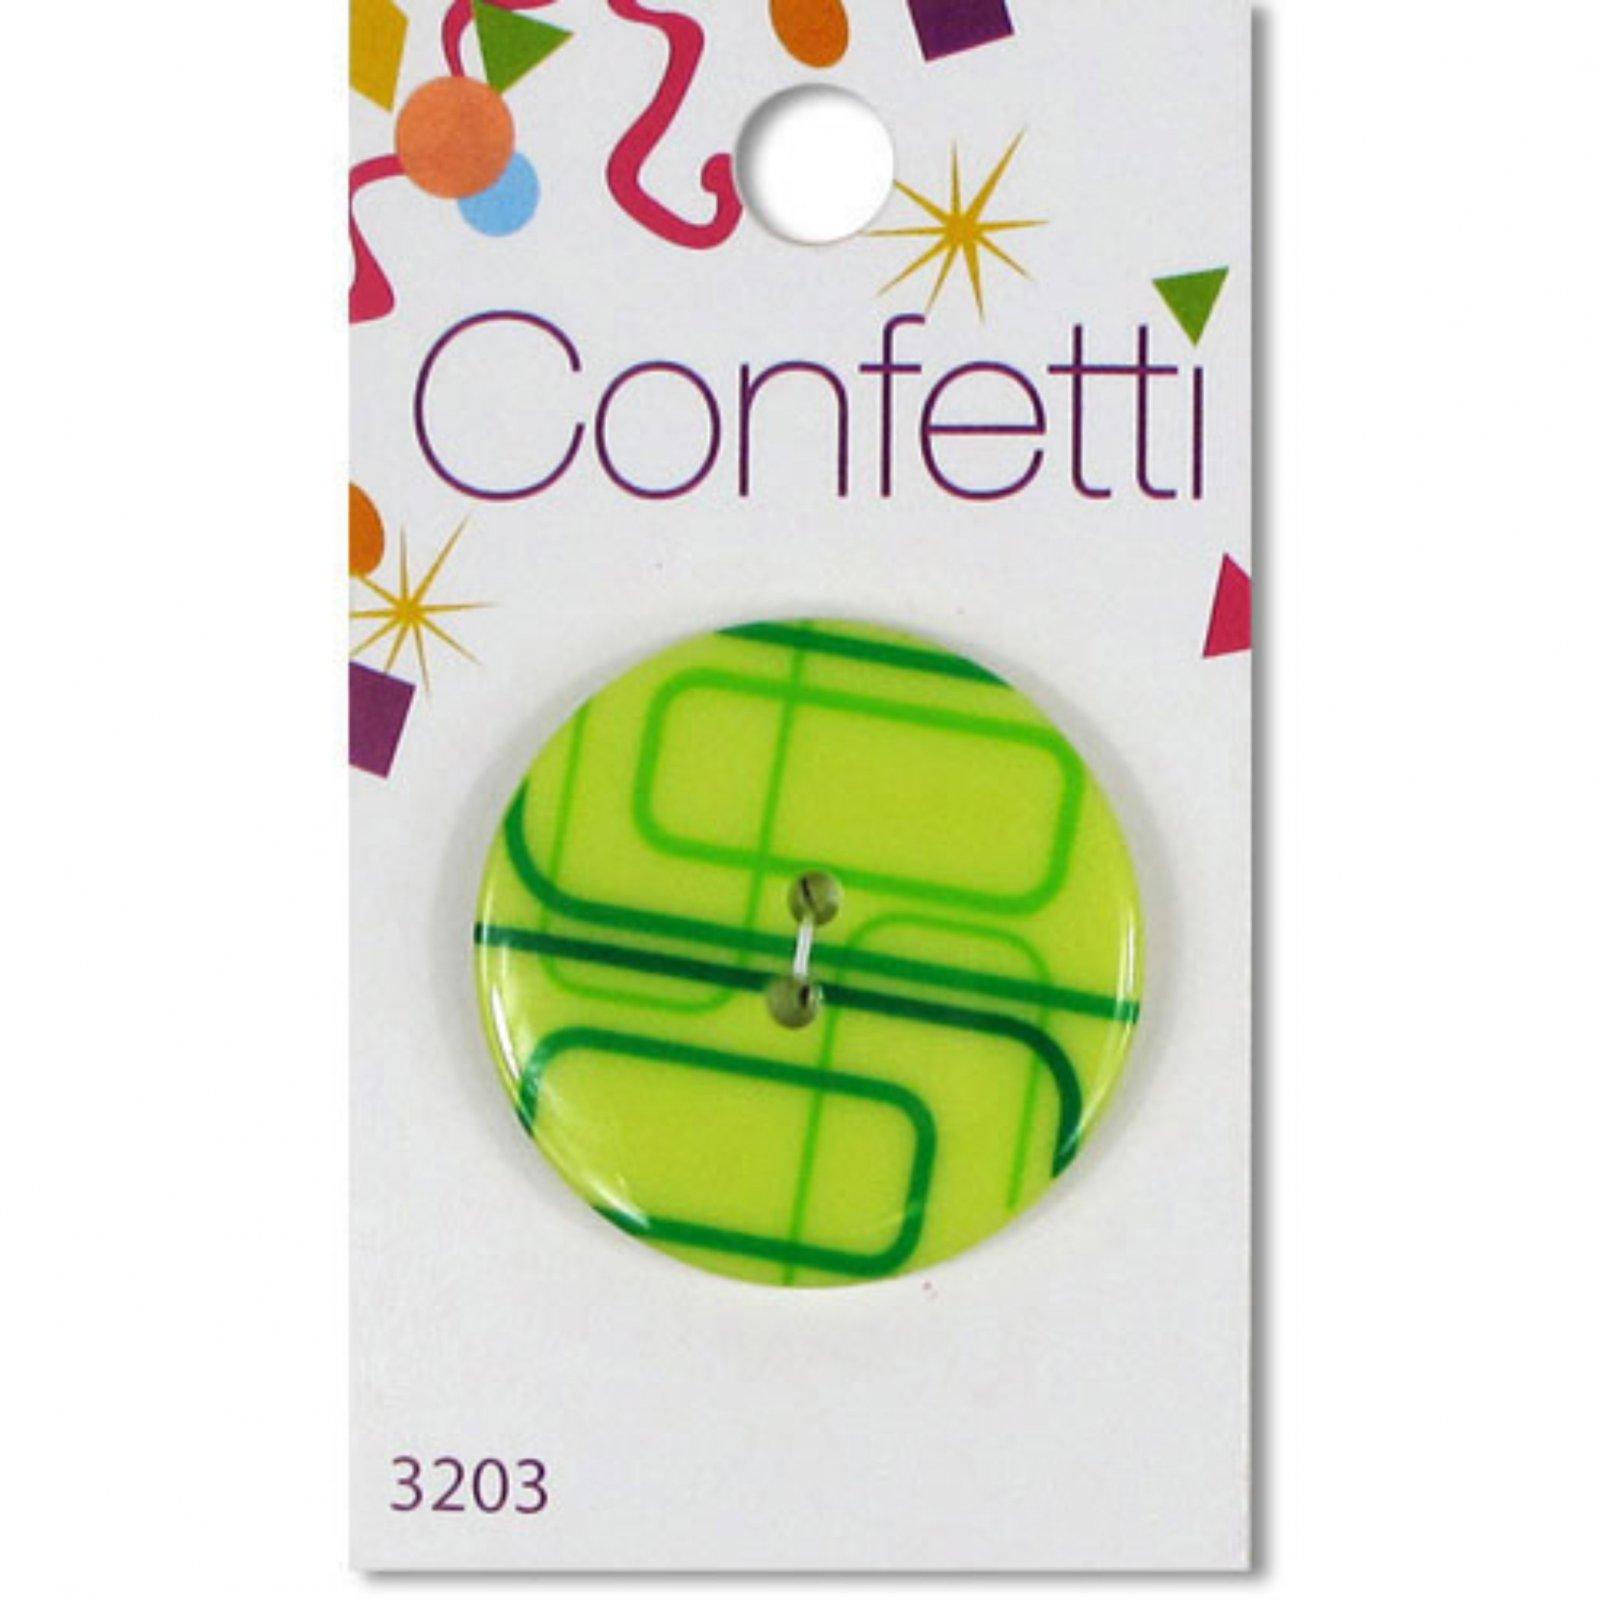 Confetti - Green Rectangles Button